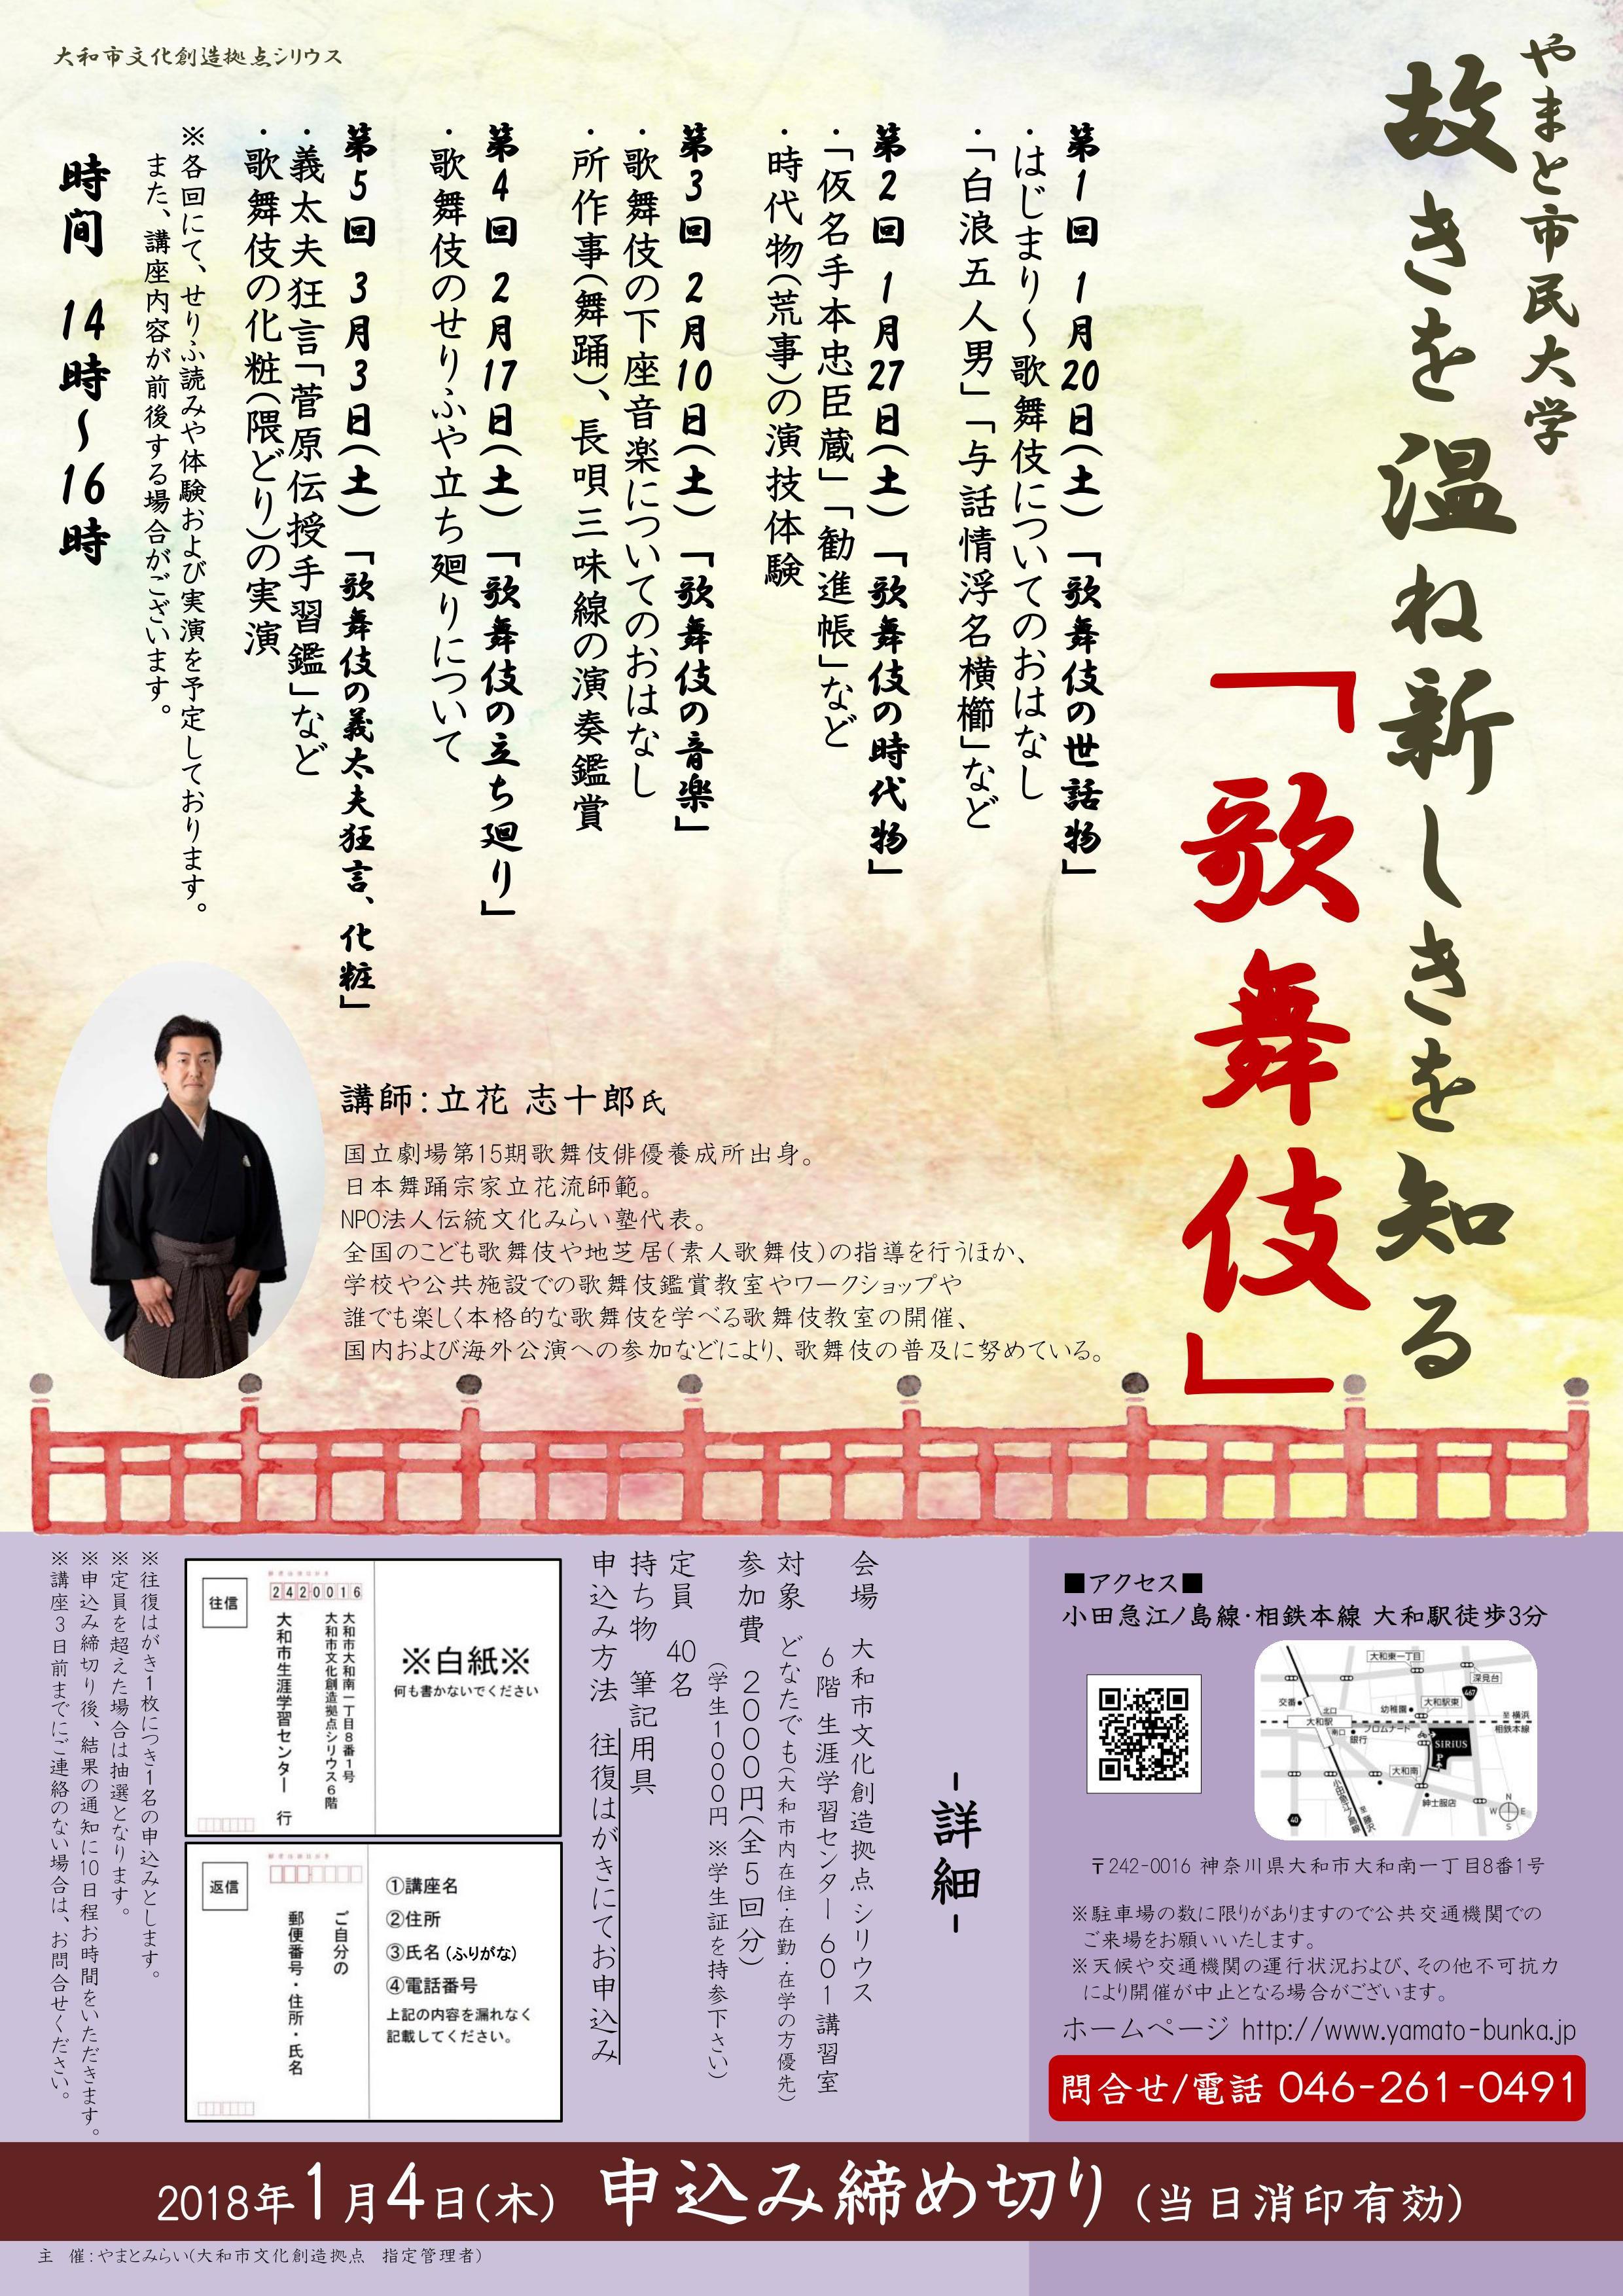 《募集終了》やまと市民大学 故きを温ね新しきを知る 「歌舞伎」